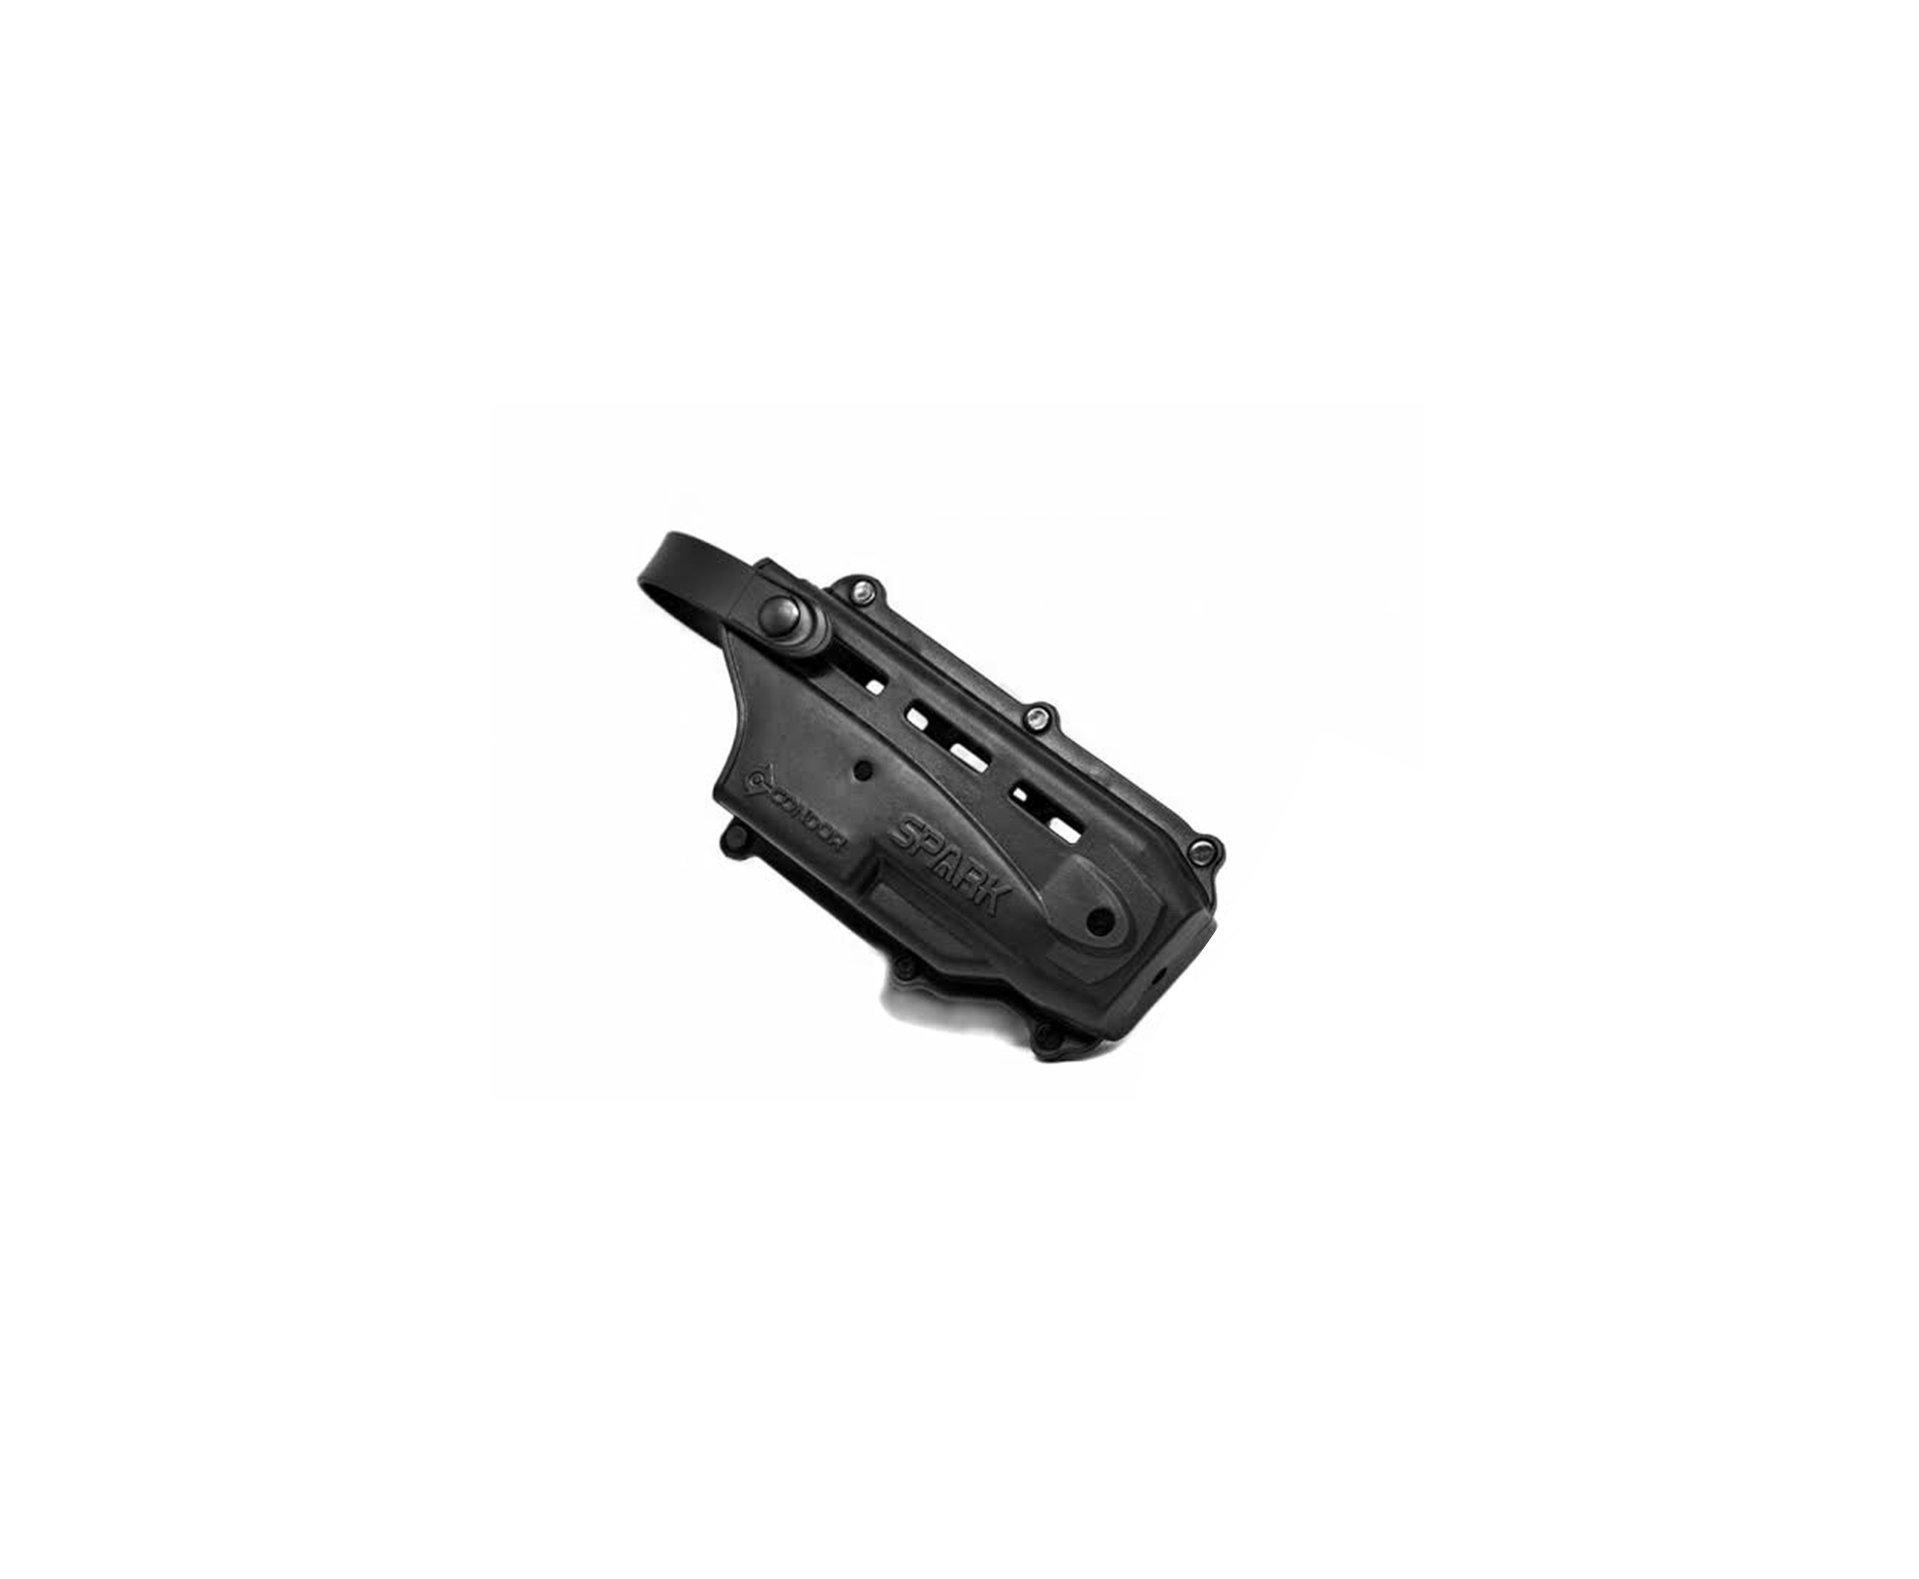 Coldre Spark Pistola De Choque Condor Canhoto - So Coldres